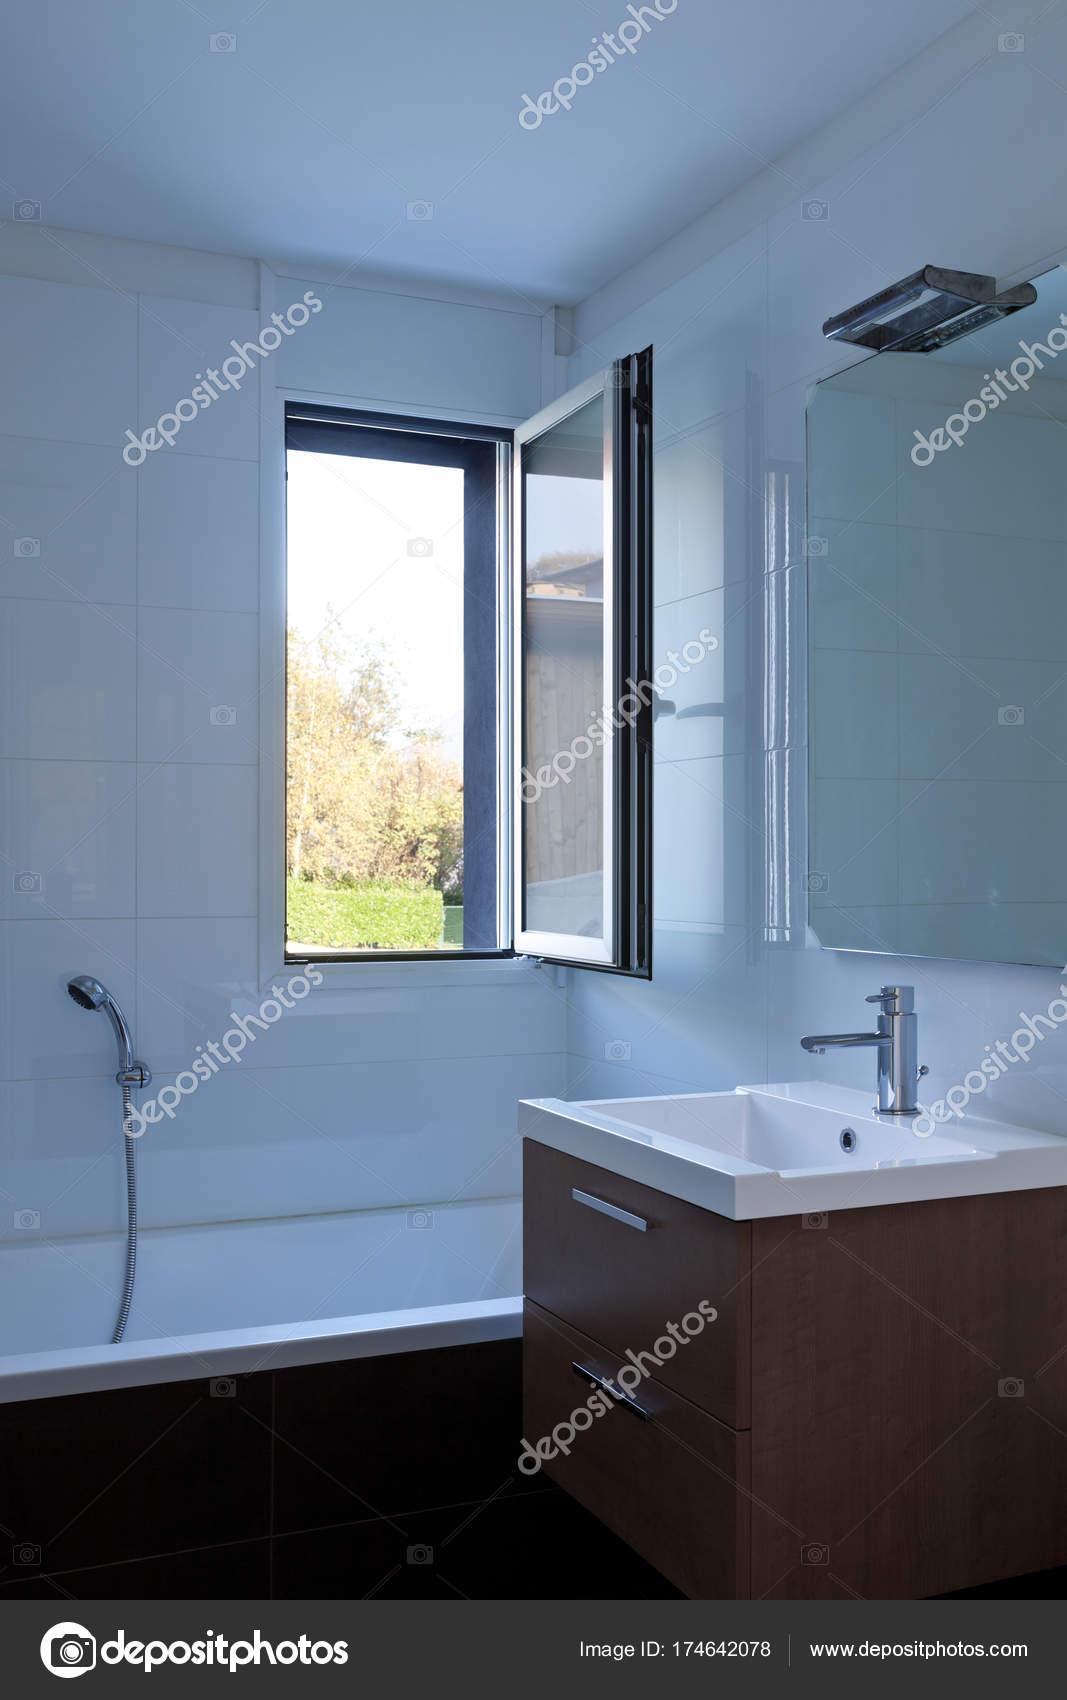 Modernes Haus Innenräume, niemand — Stockfoto © Zveiger #174642078